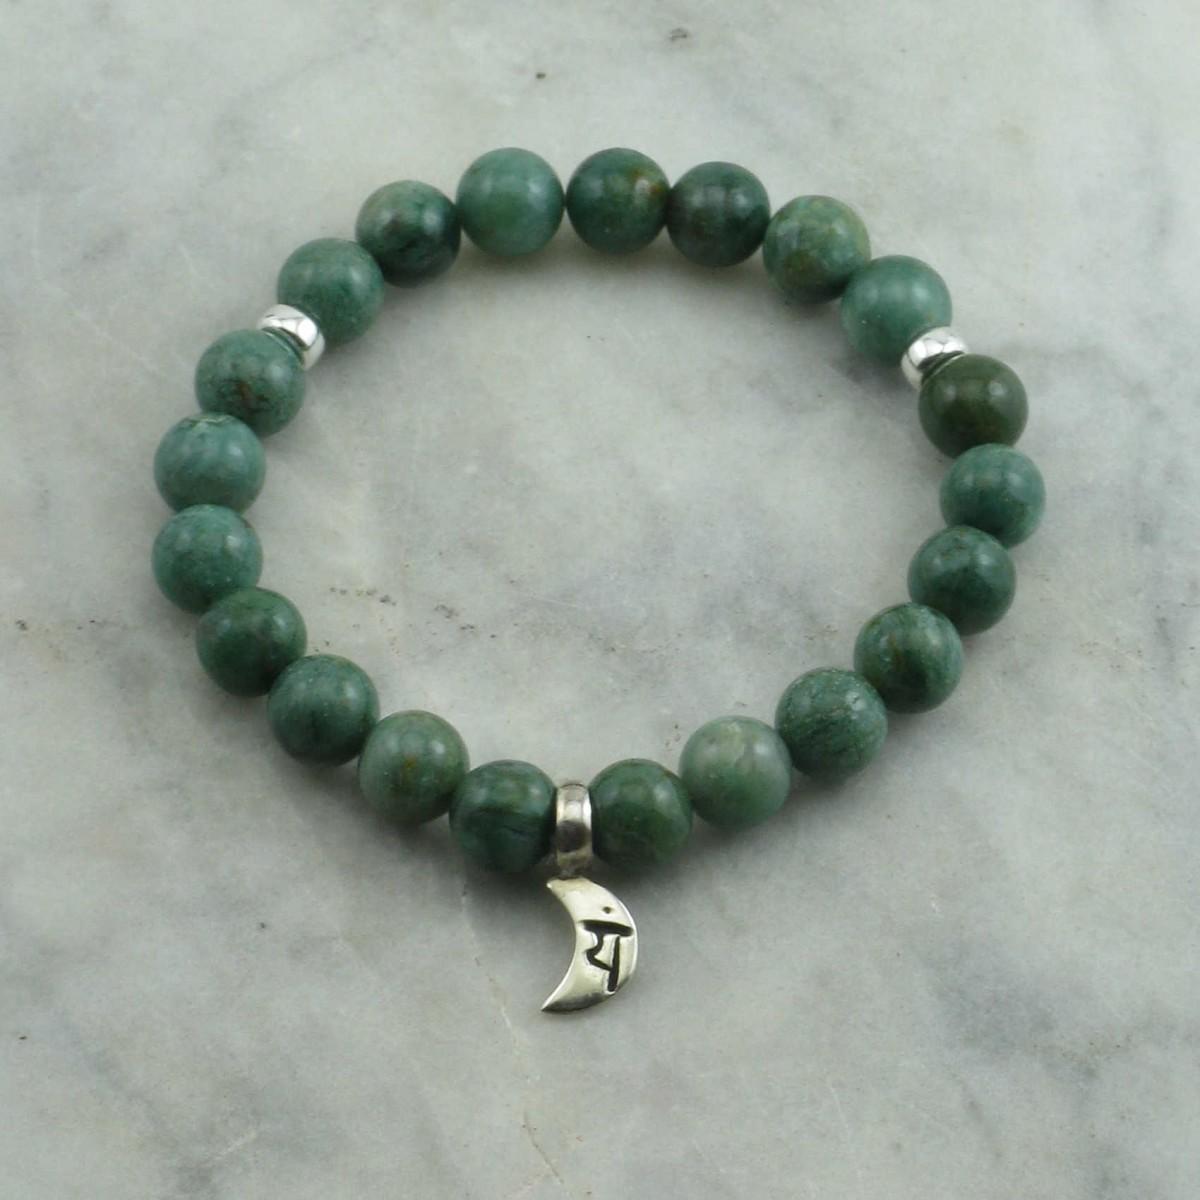 Heart_Chakra_Mala_Bead_Bracelet_21_Green_Jade_Mala_Beads_Buddhist_Prayer_Beads_Wrist